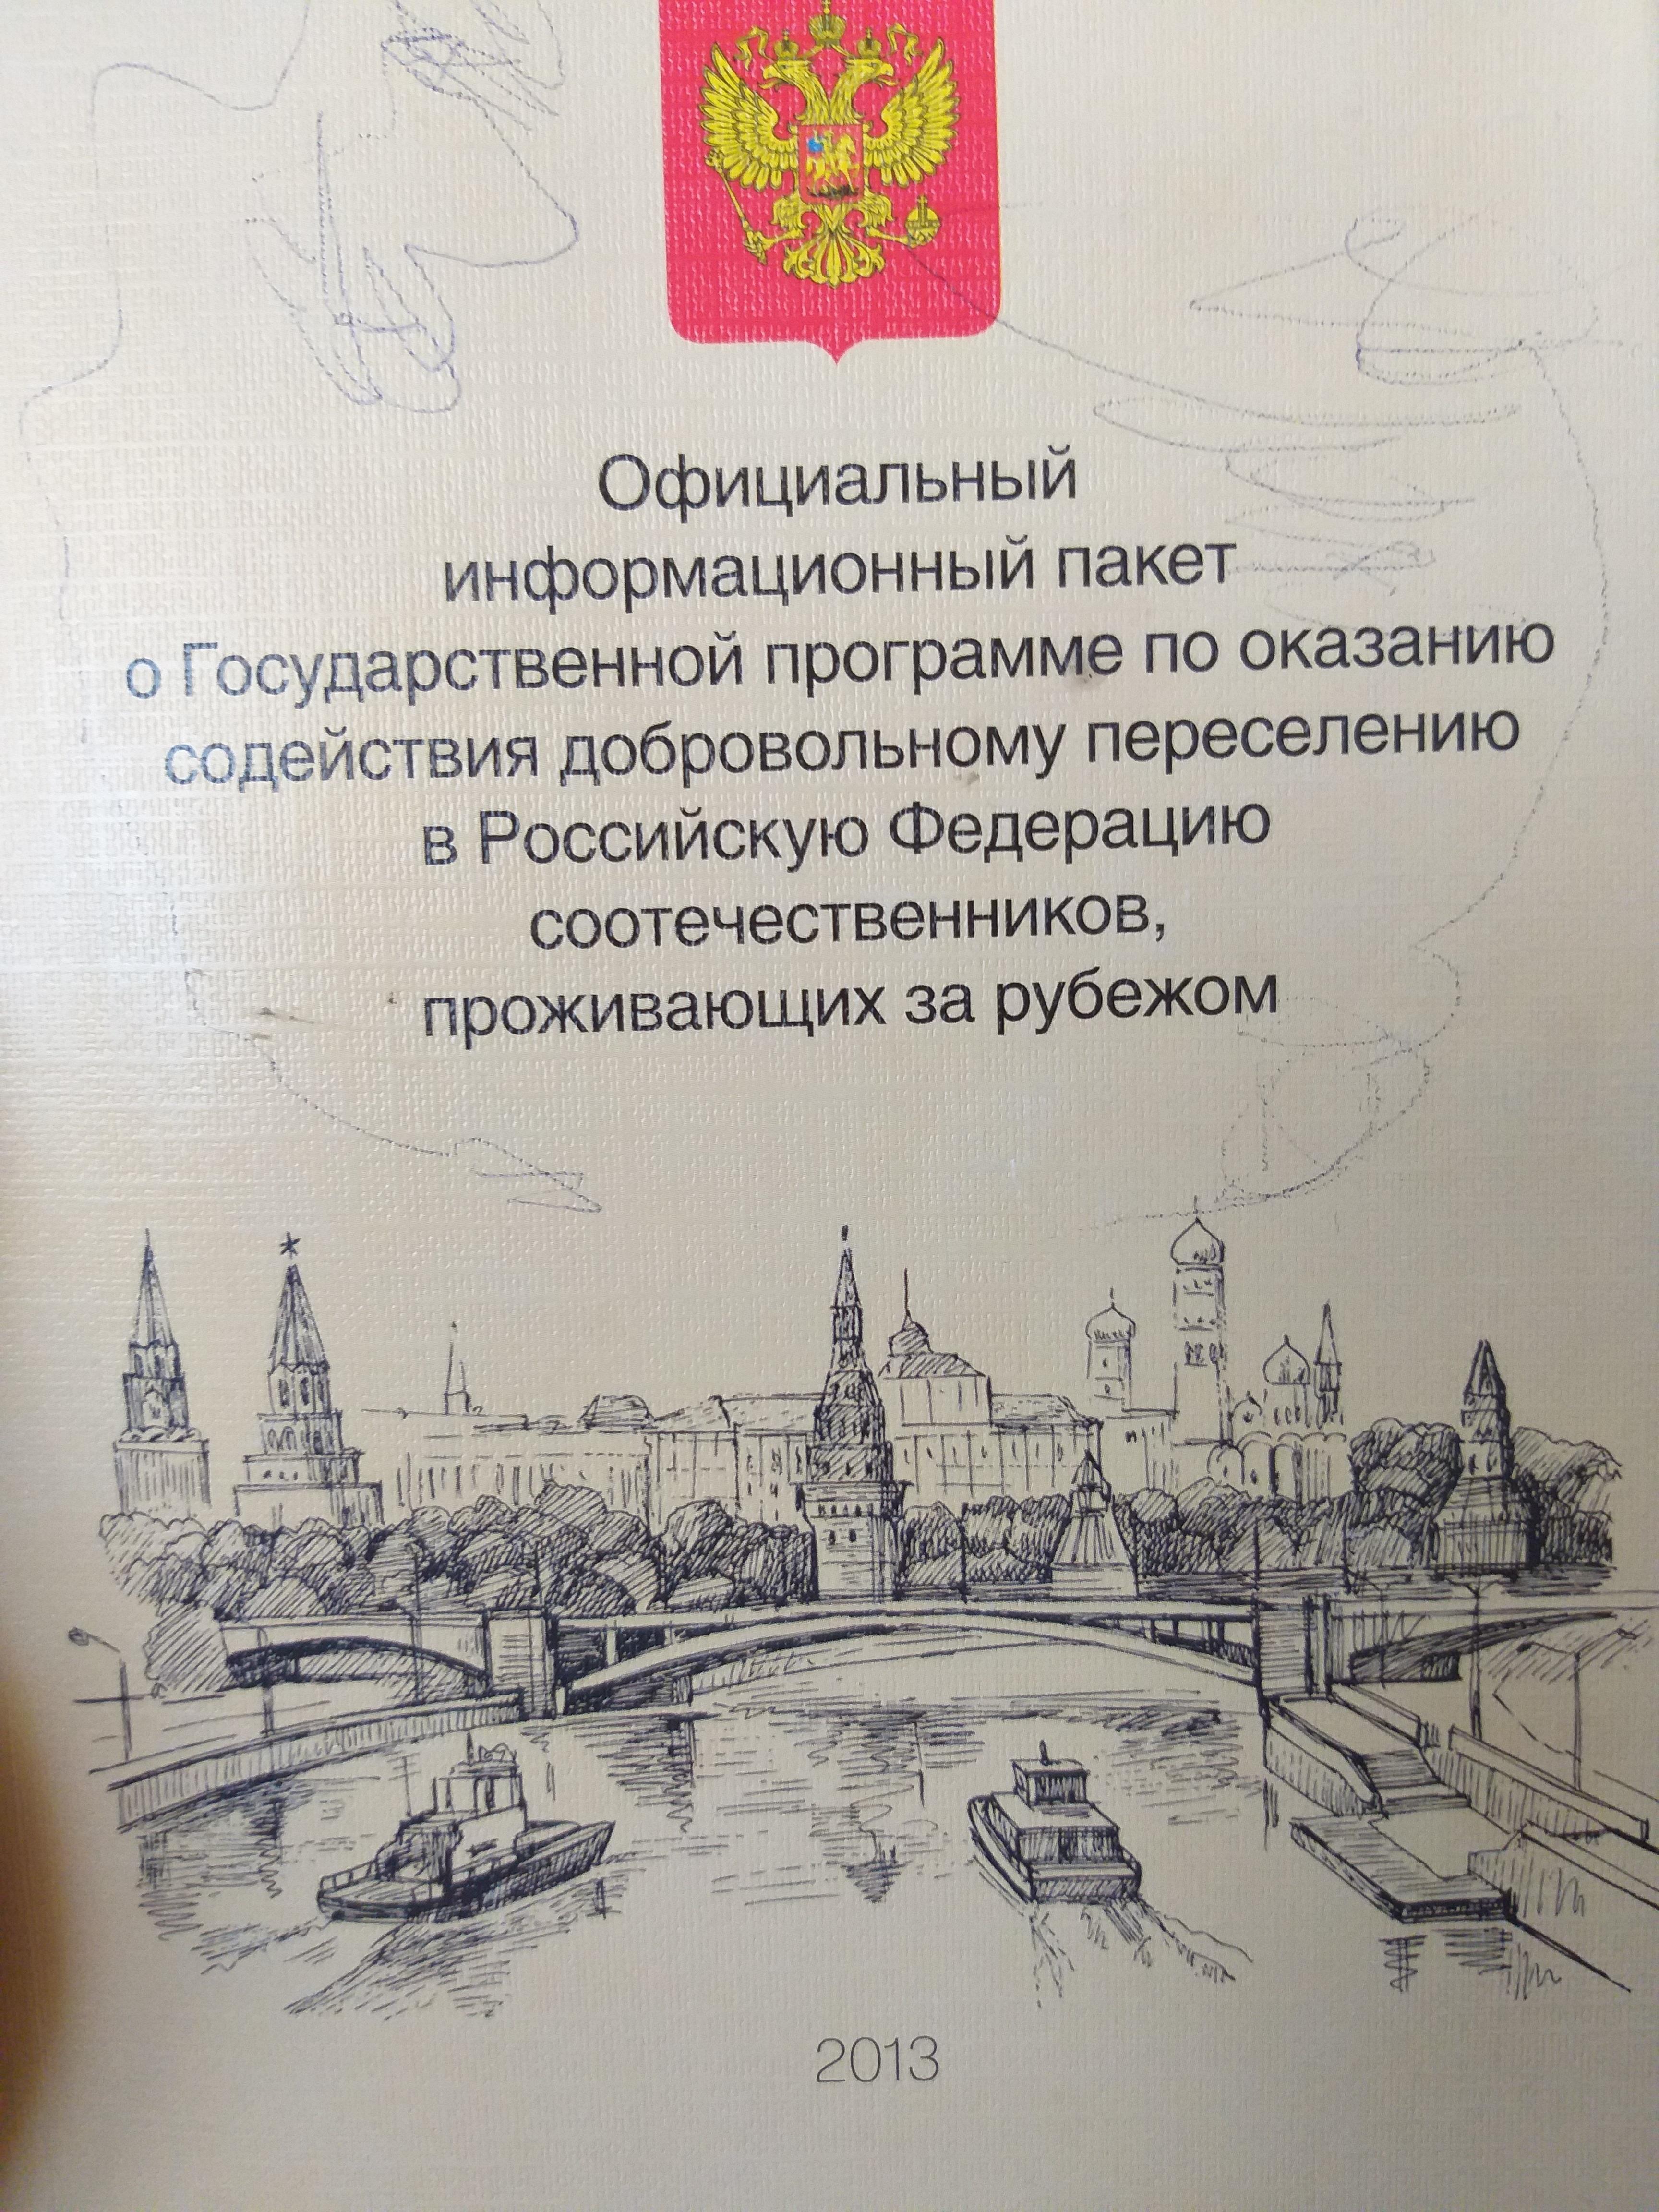 Города которые участвуют в программе переселения соотечественников